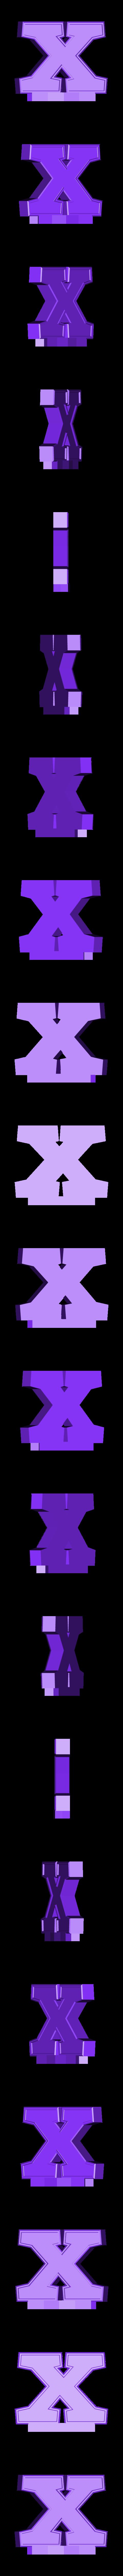 Stocking_hangers_X.stl Télécharger fichier STL gratuit Cintres de bas de parapet • Objet pour imprimante 3D, tone001